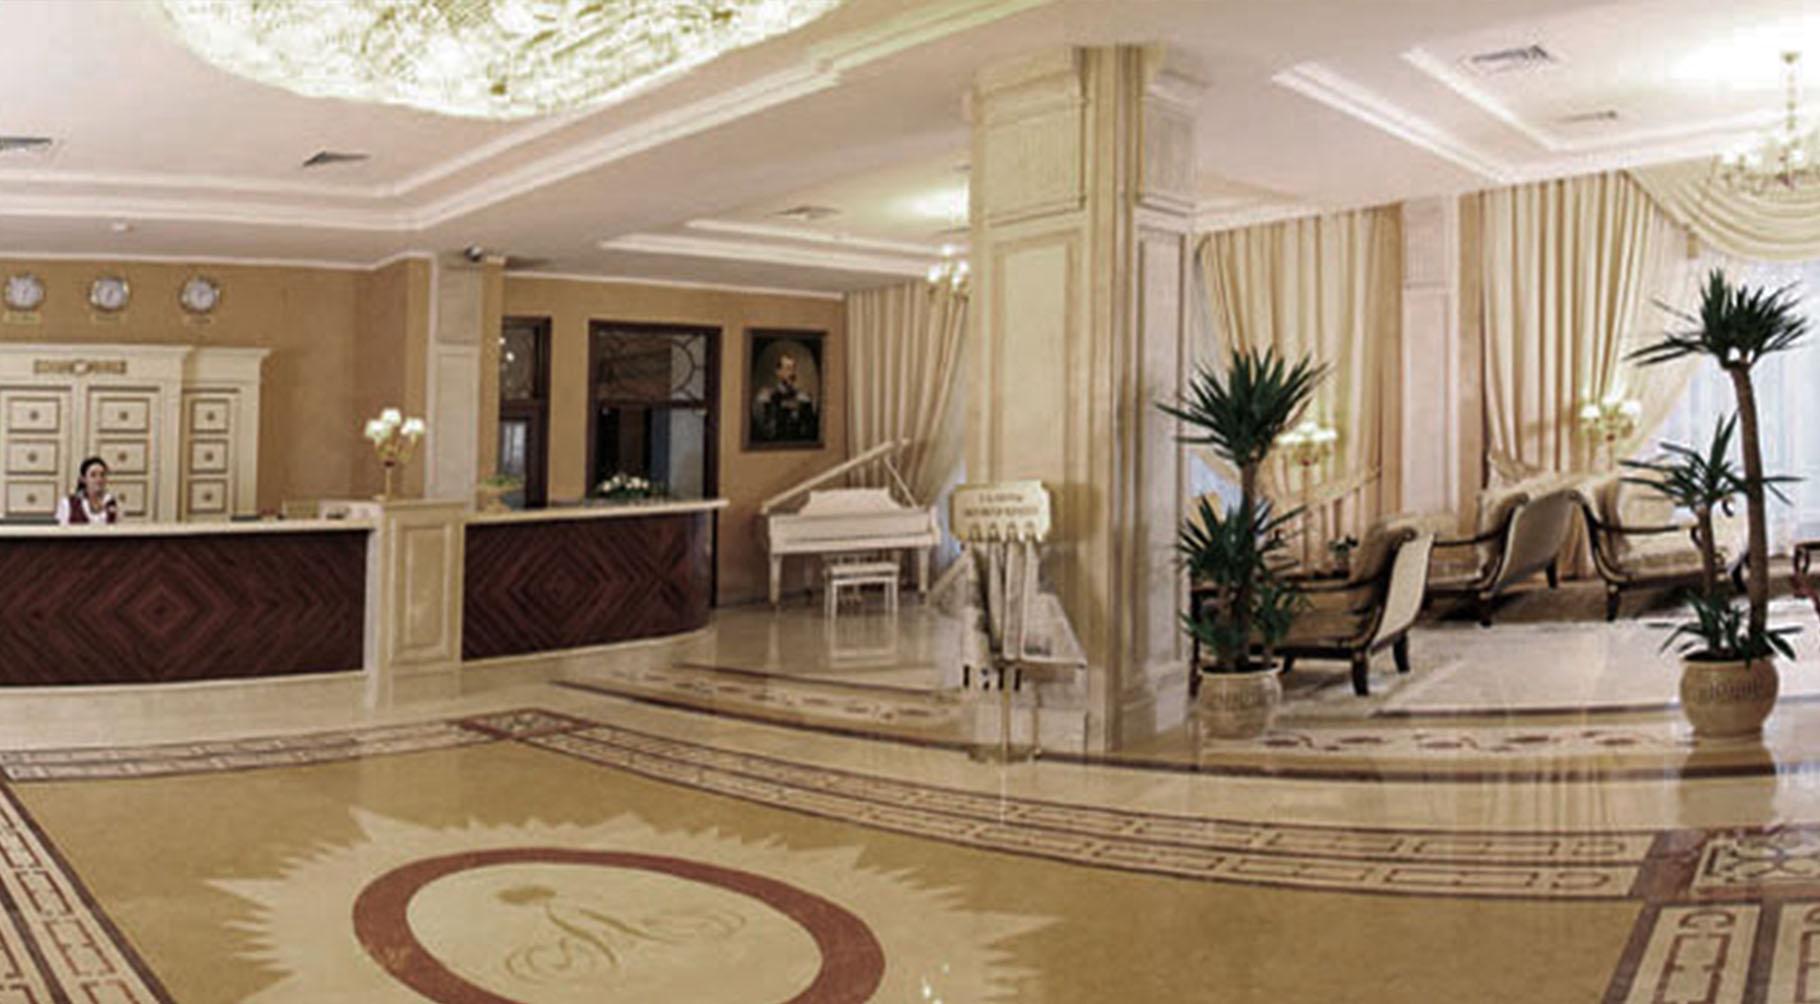 Дизайн интерьера гранд-отеля 1685 кв.м.